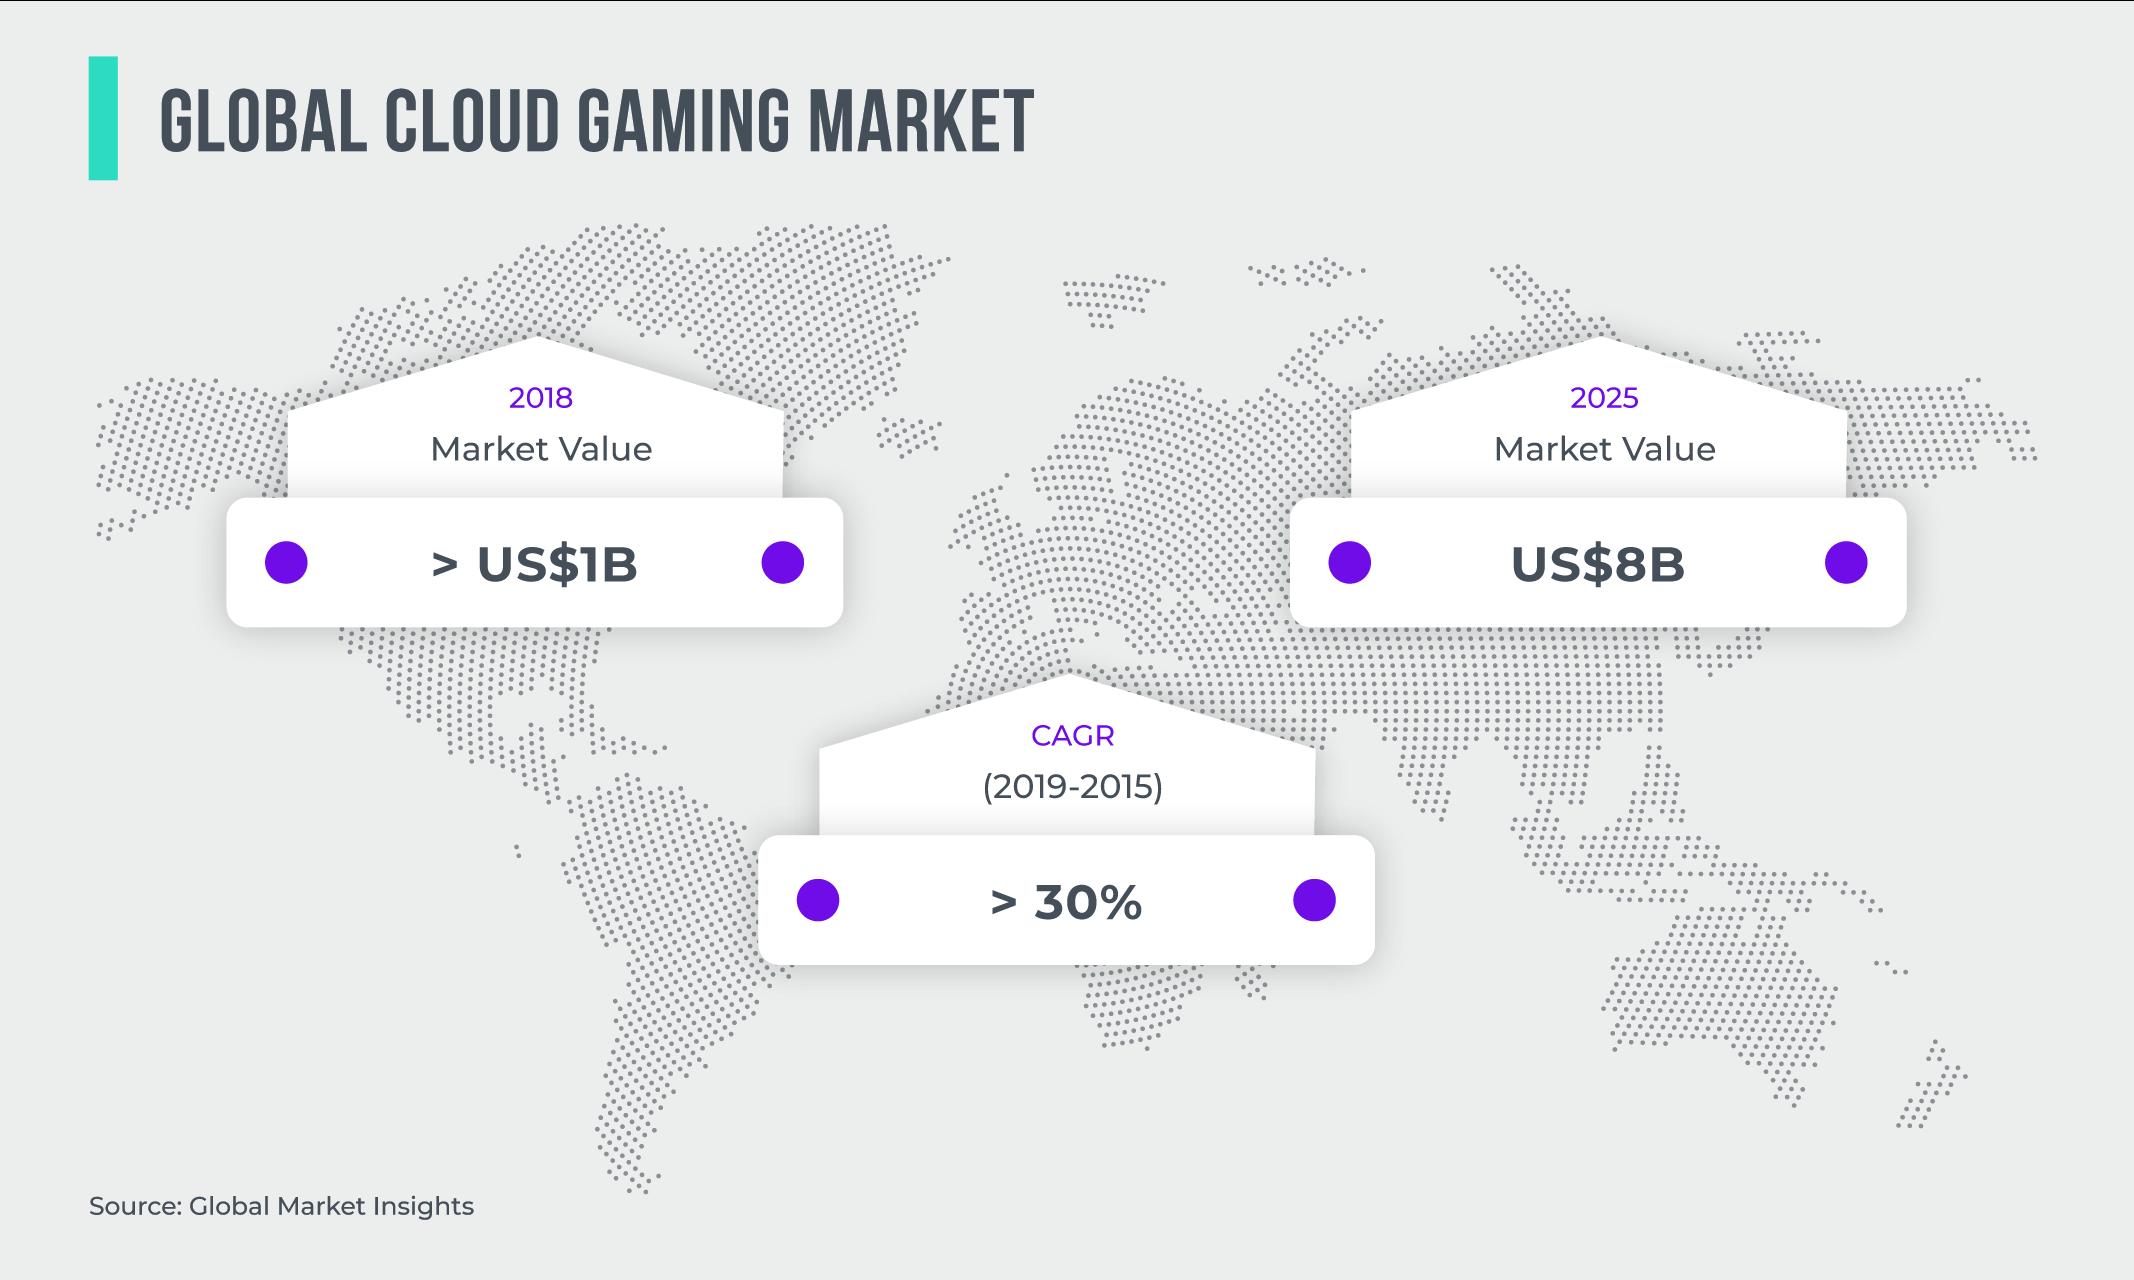 Global Cloud Gaming Market